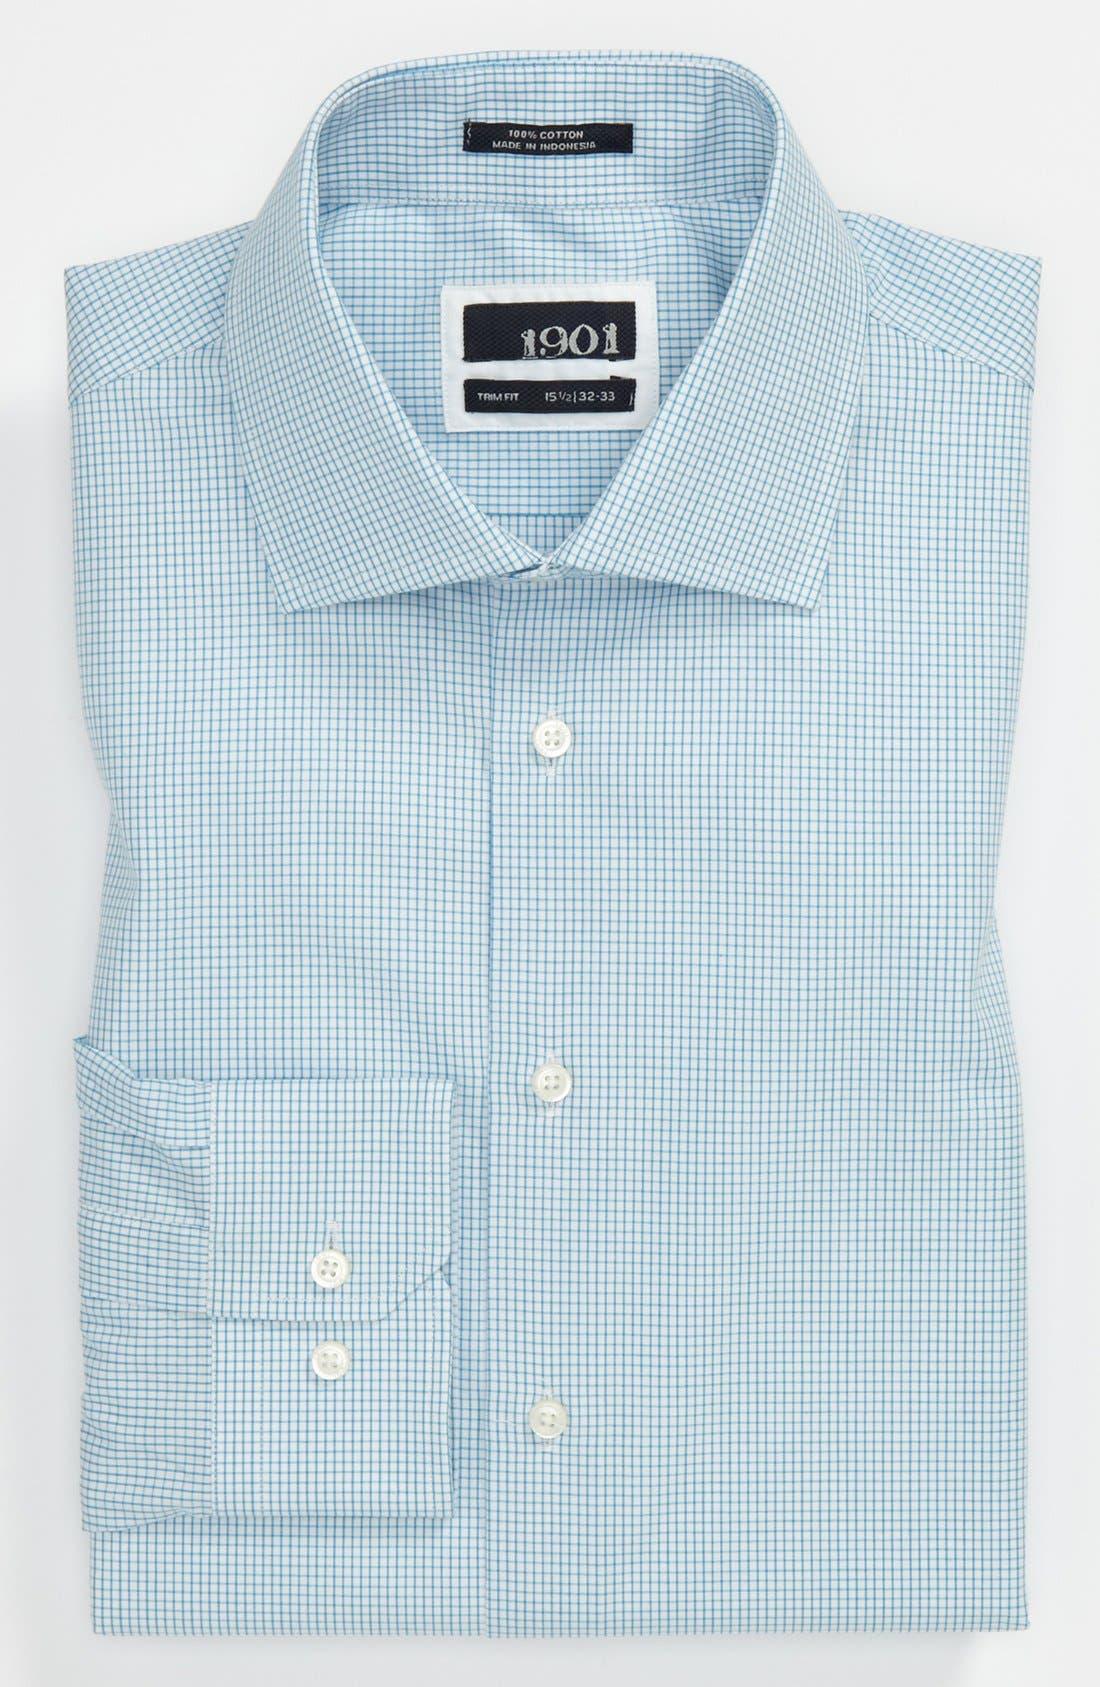 Trim Fit Dress Shirt,                         Main,                         color, 450